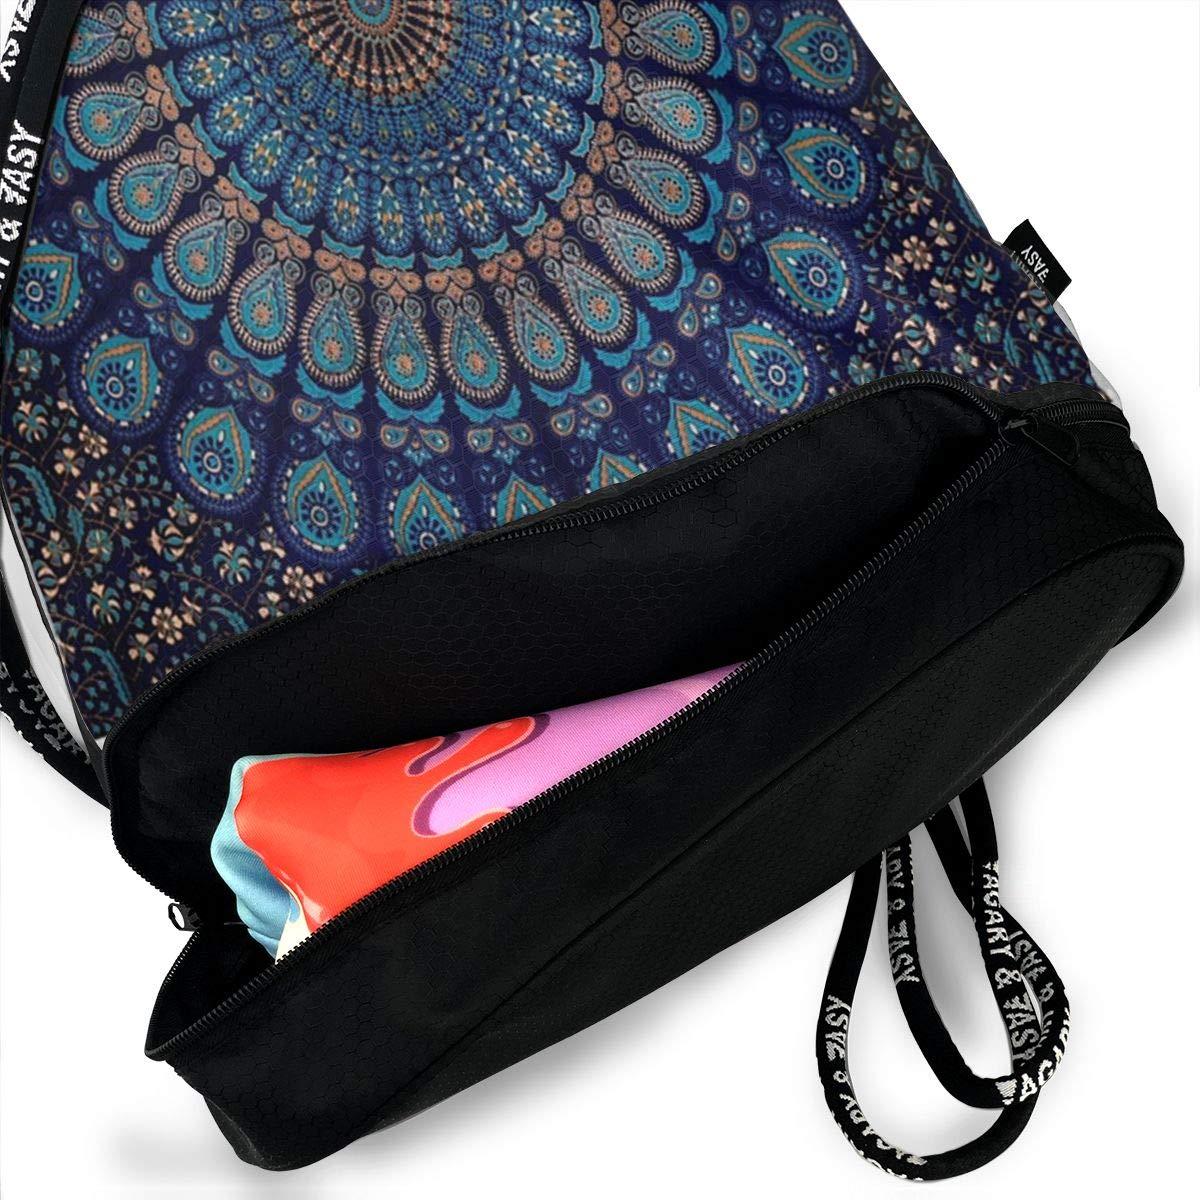 HUOPR5Q Blue-Mandala Drawstring Backpack Sport Gym Sack Shoulder Bulk Bag Dance Bag for School Travel